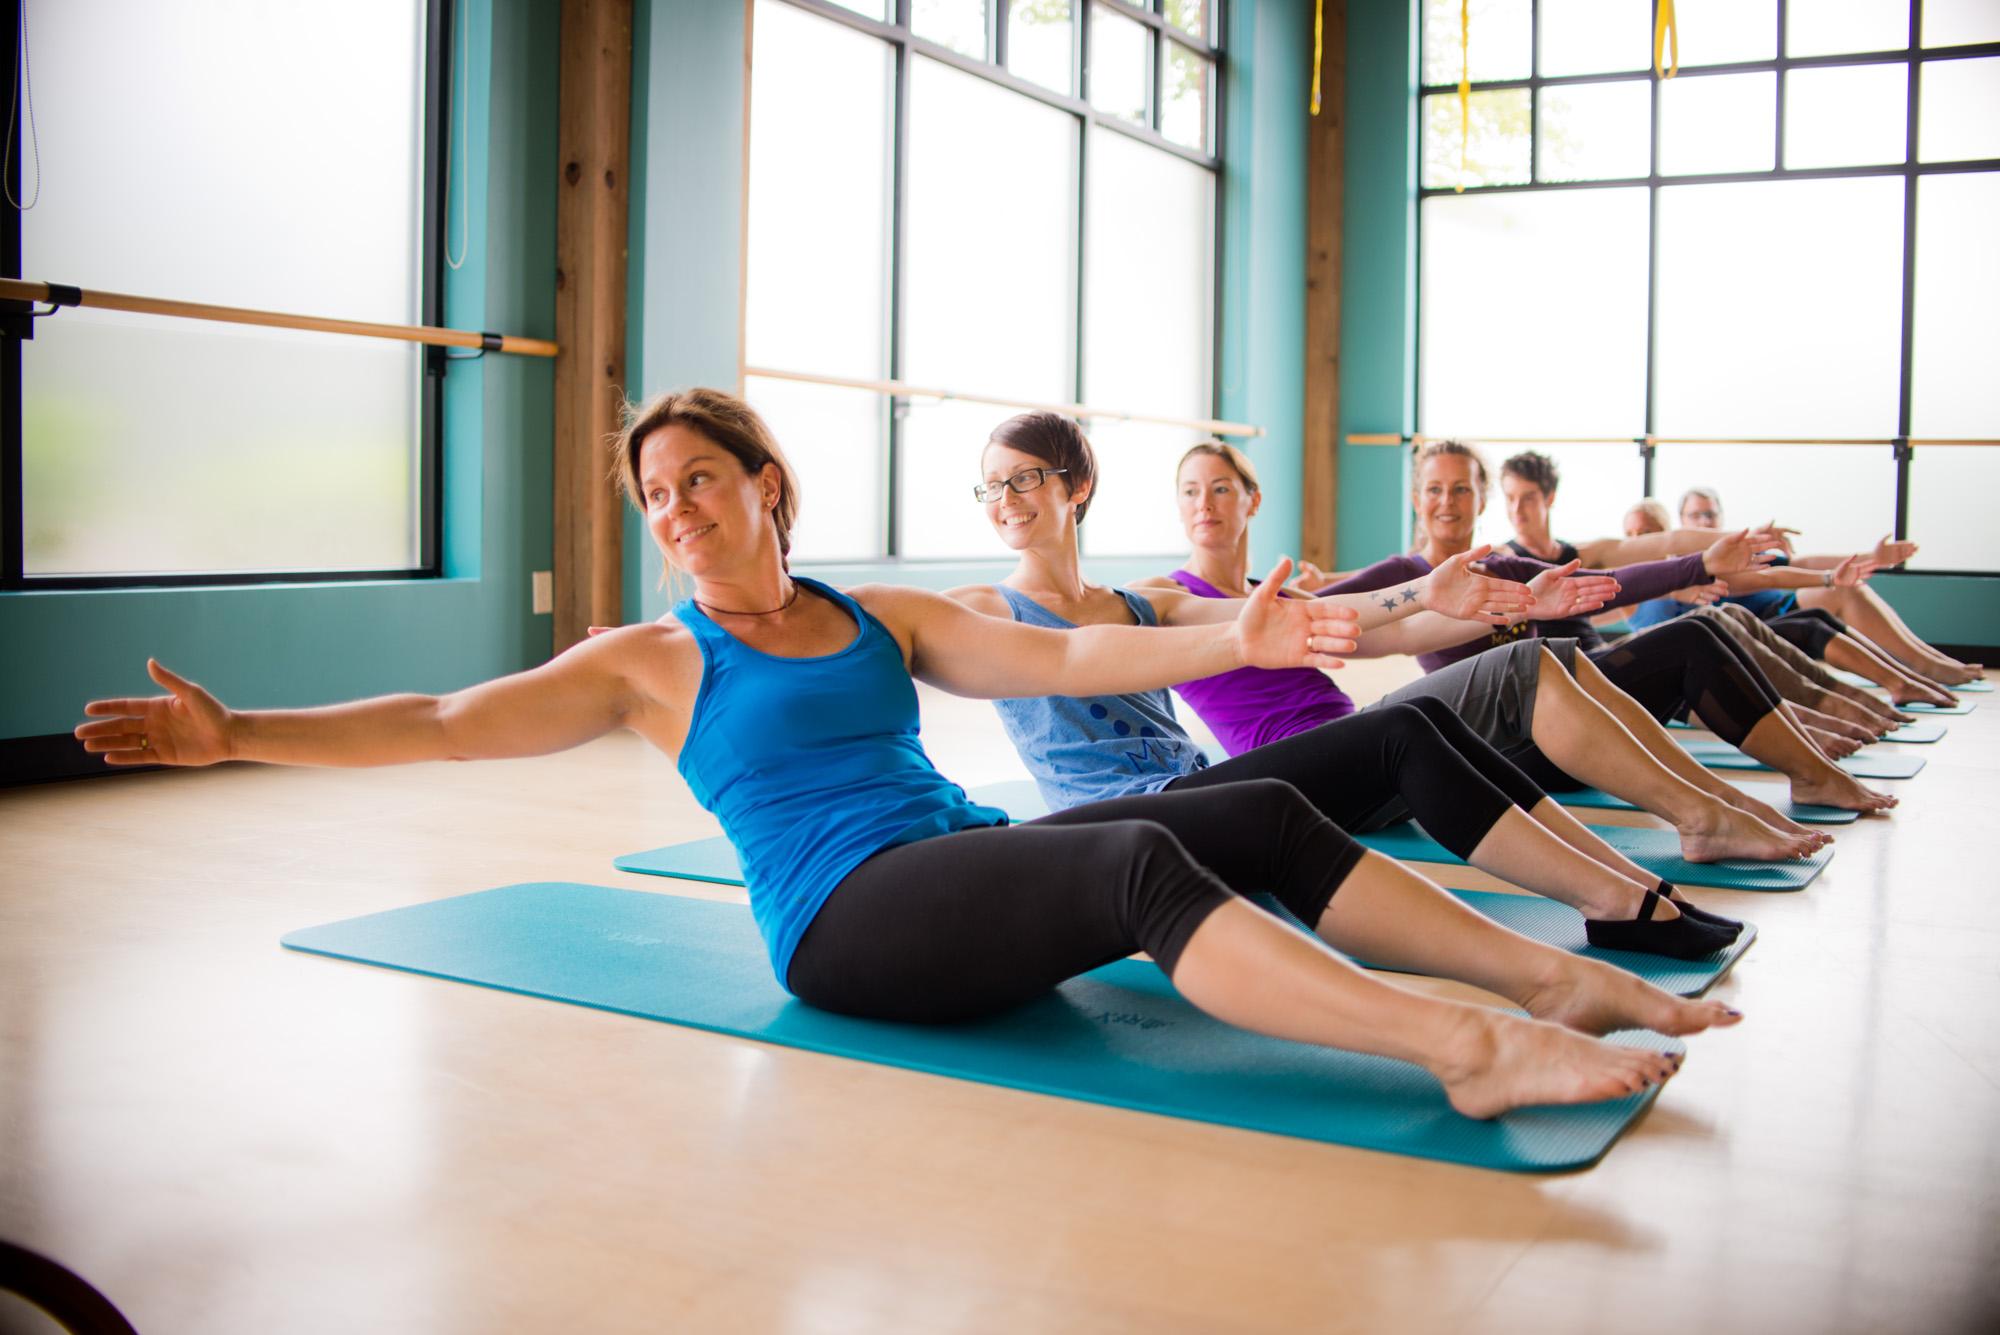 Калланетика (callanetics): что это такое, упражнения для начинающих и продвинутых, отзывы и результаты